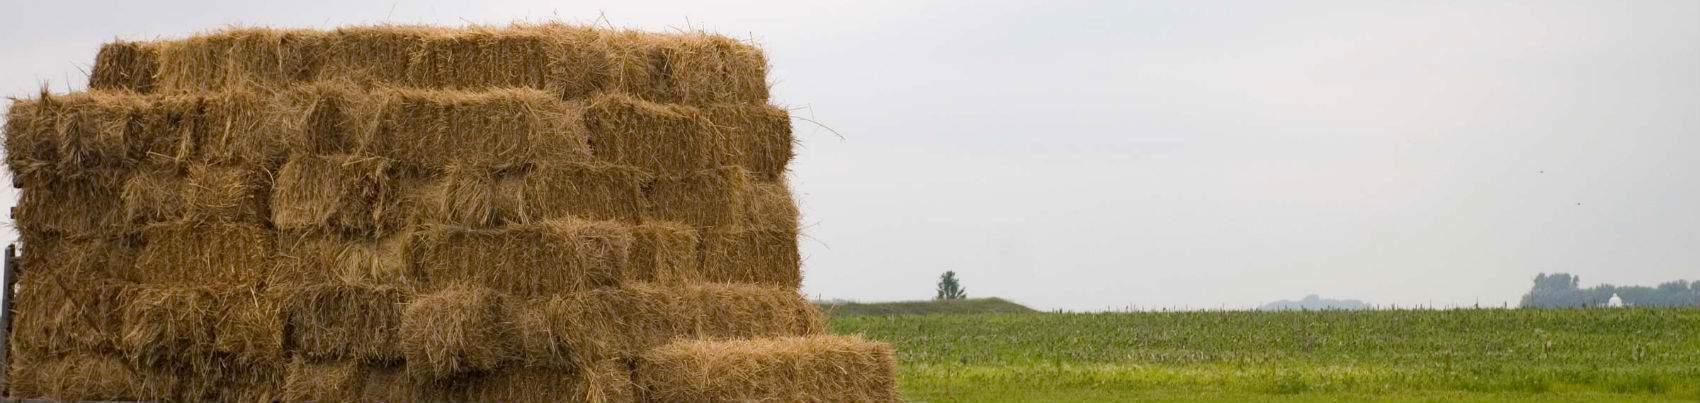 need-in-haystack